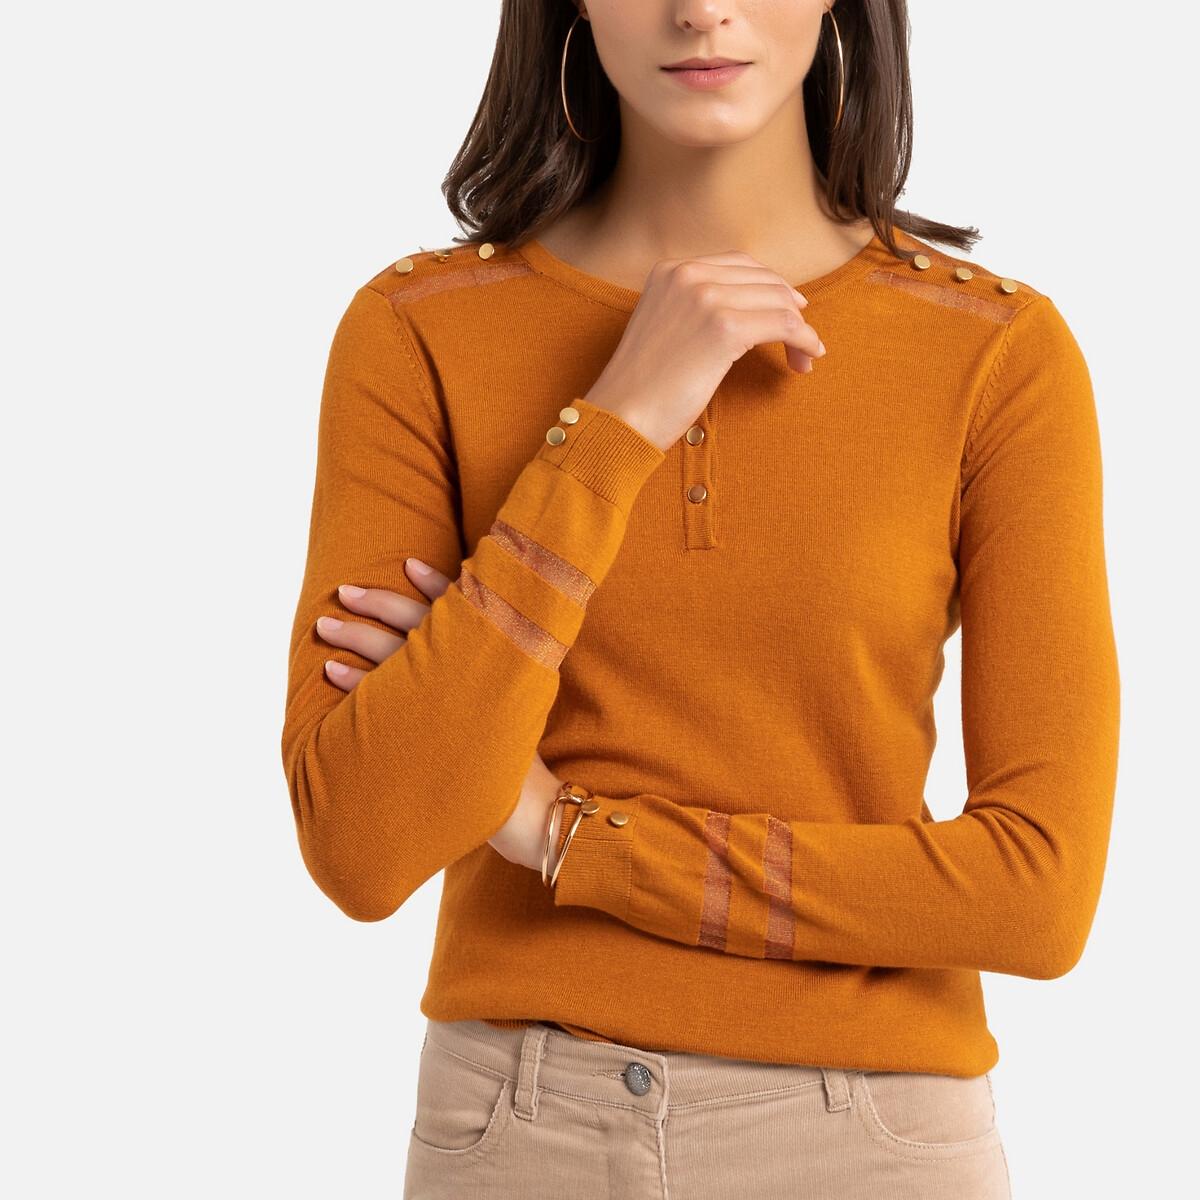 Пуловер La Redoute С V-образным вырезом из тонкого трикотажа 46/48 (FR) - 52/54 (RUS) желтый